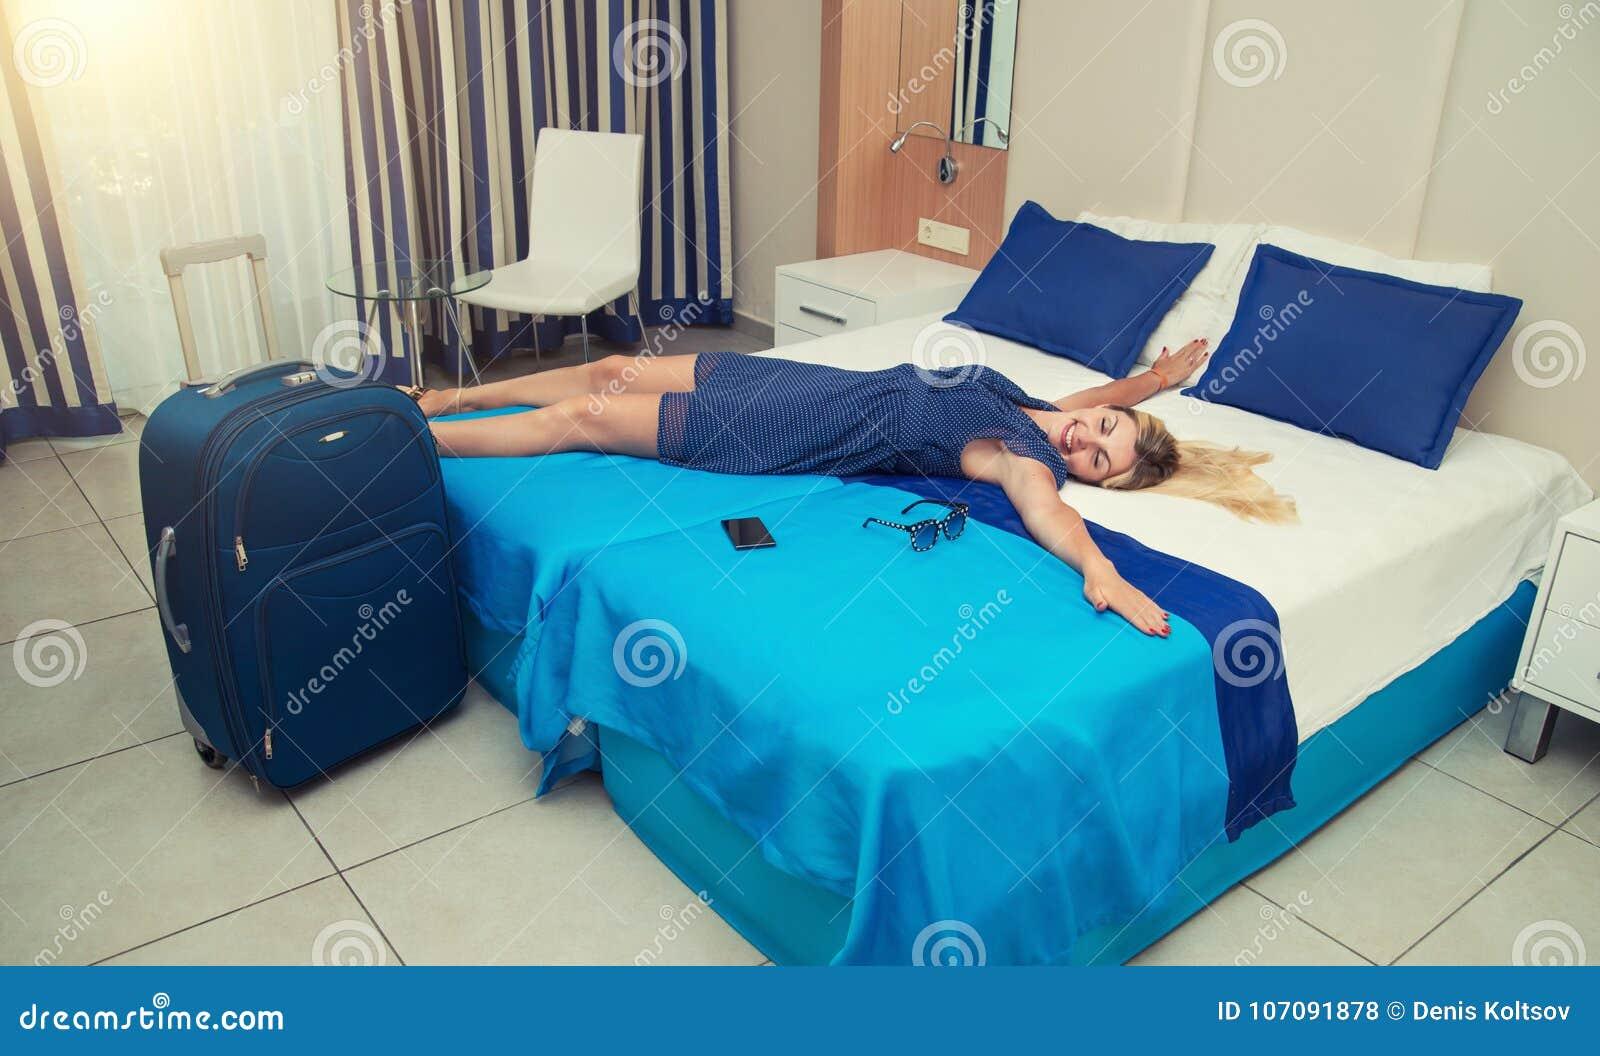 De jonge vrouw ligt en heeft een rust op het bed in de hotelruimte